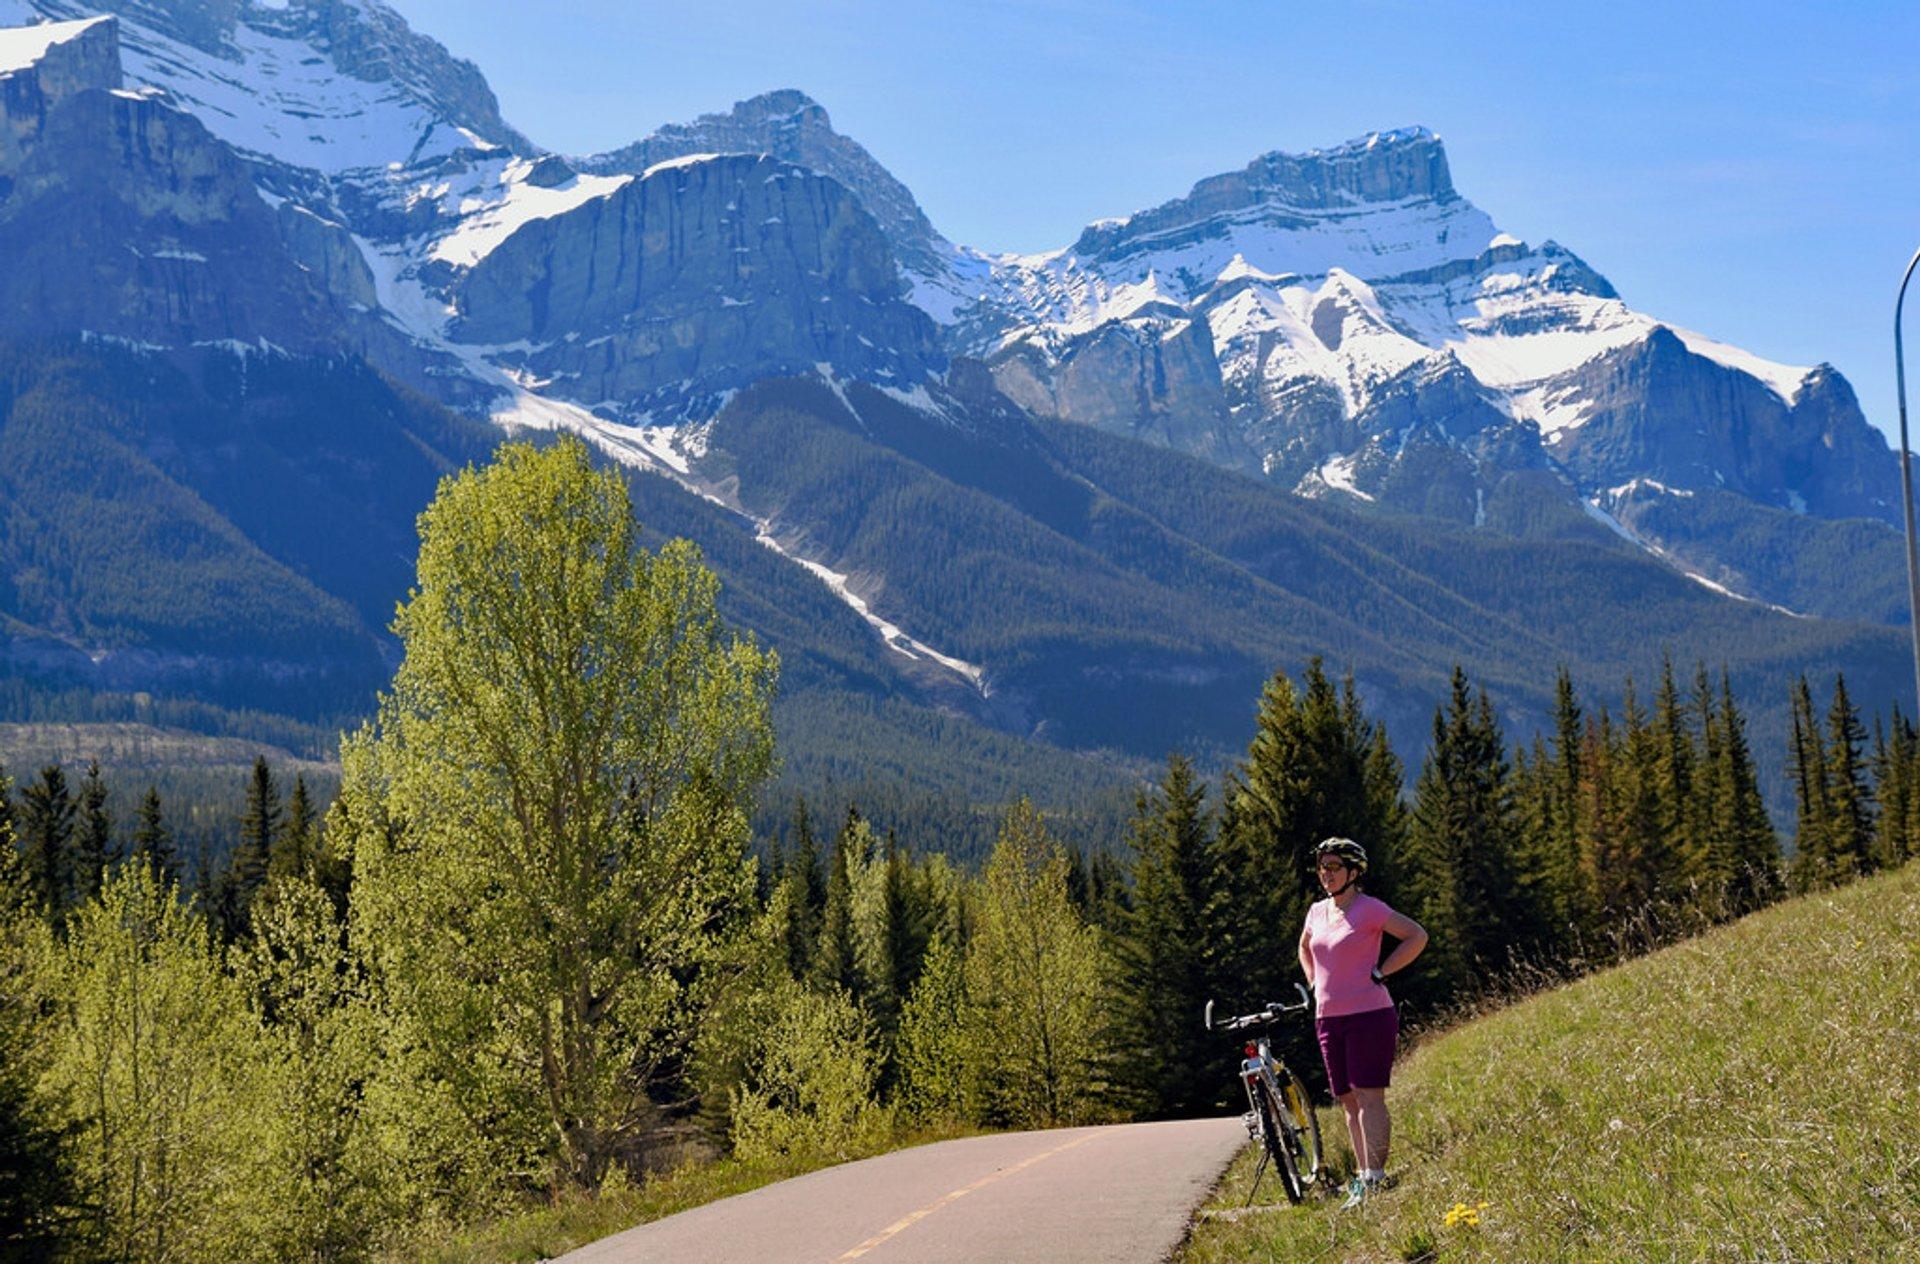 Best time for Mountain Biking in Banff & Jasper National Parks 2020